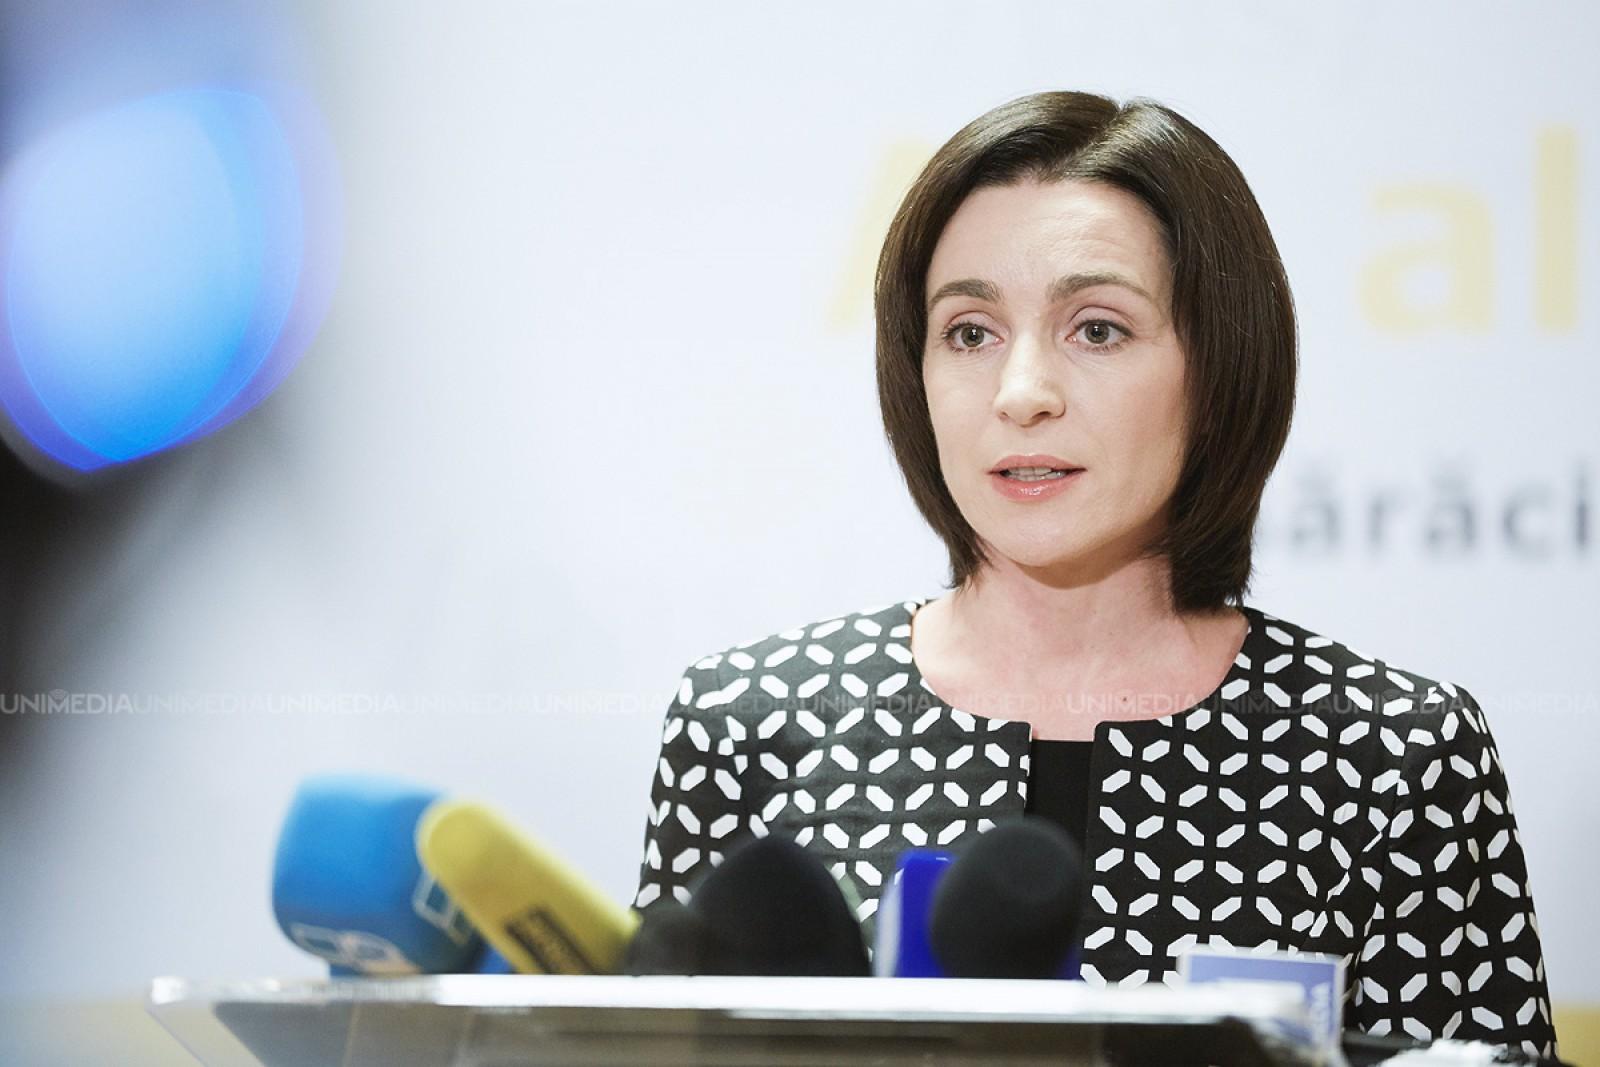 Maia Sandu, despre invalidarea alegerilor: Justiția controlată de Plahotniuc a luat cea mai criminală decizie la adresa democrației din Moldova